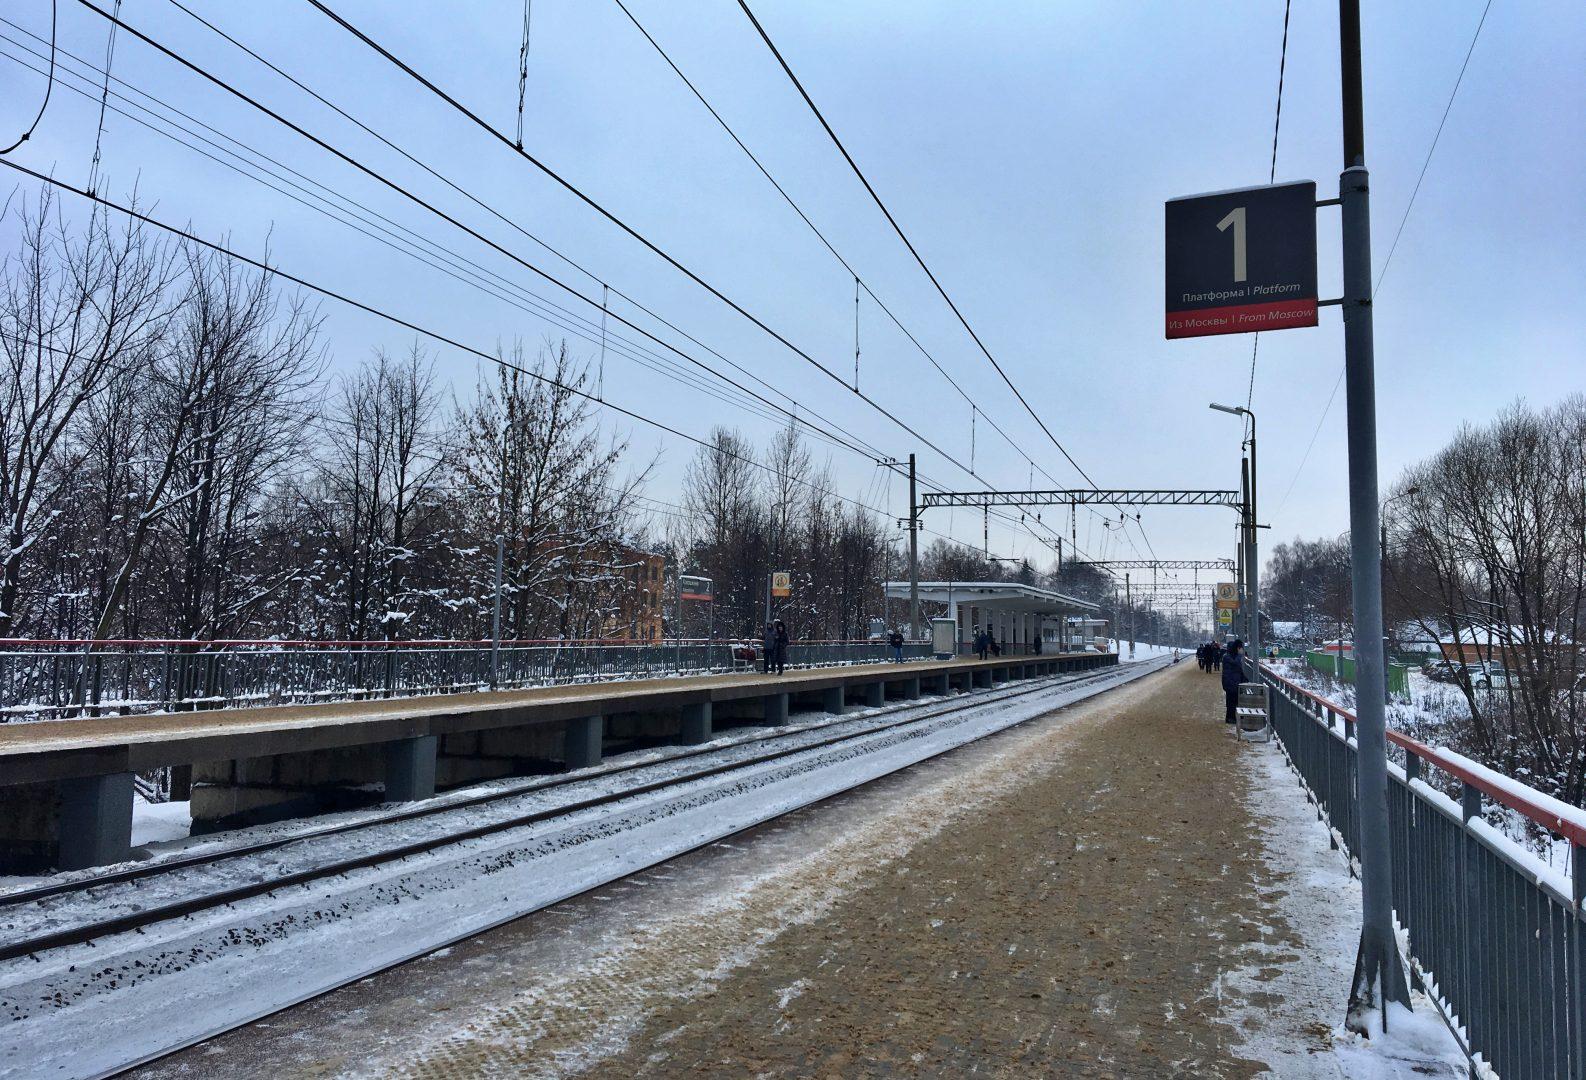 Станцию Внуково Московского центрального диаметра откроют в апреле. Фото: Анна Быкова